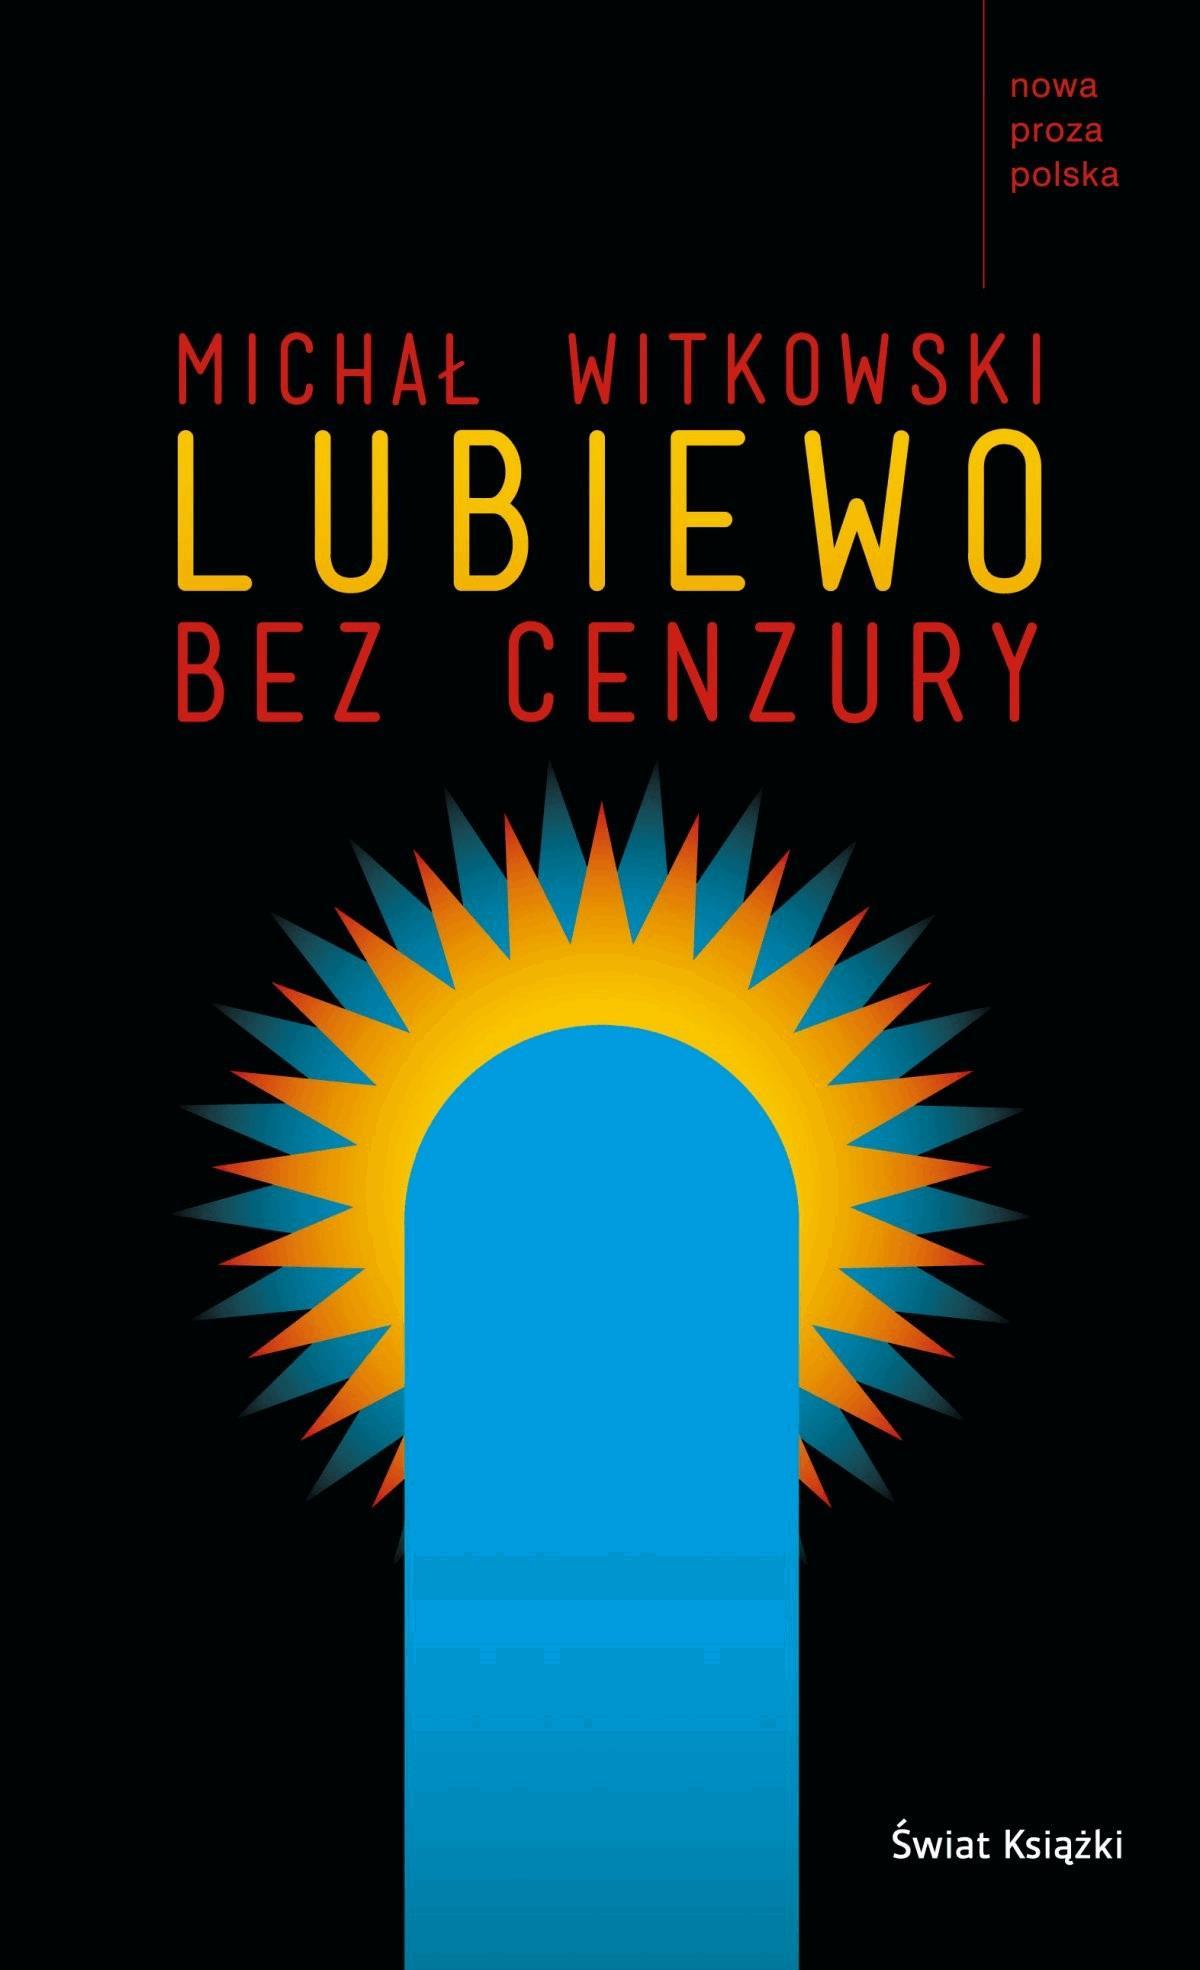 Lubiewo bez cenzury - Tylko w Legimi możesz przeczytać ten tytuł przez 7 dni za darmo. - Michał Witkowski